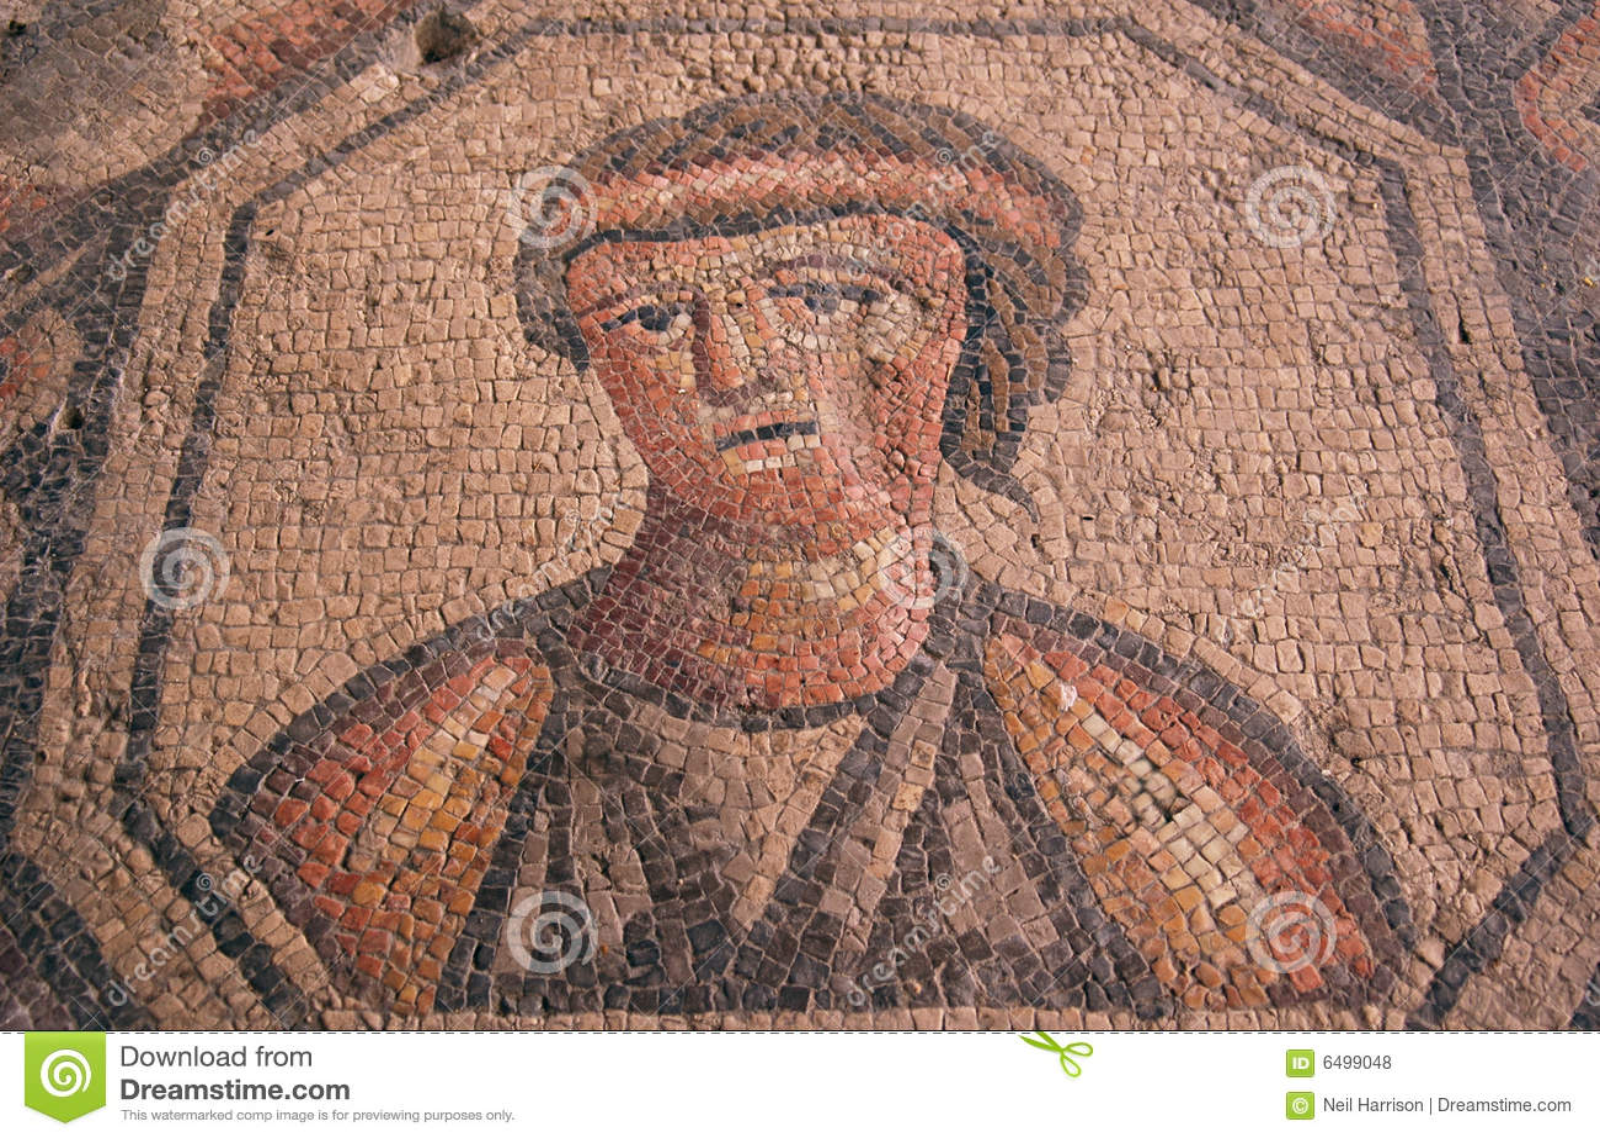 Ritratto romano di una donna triste in mosaico